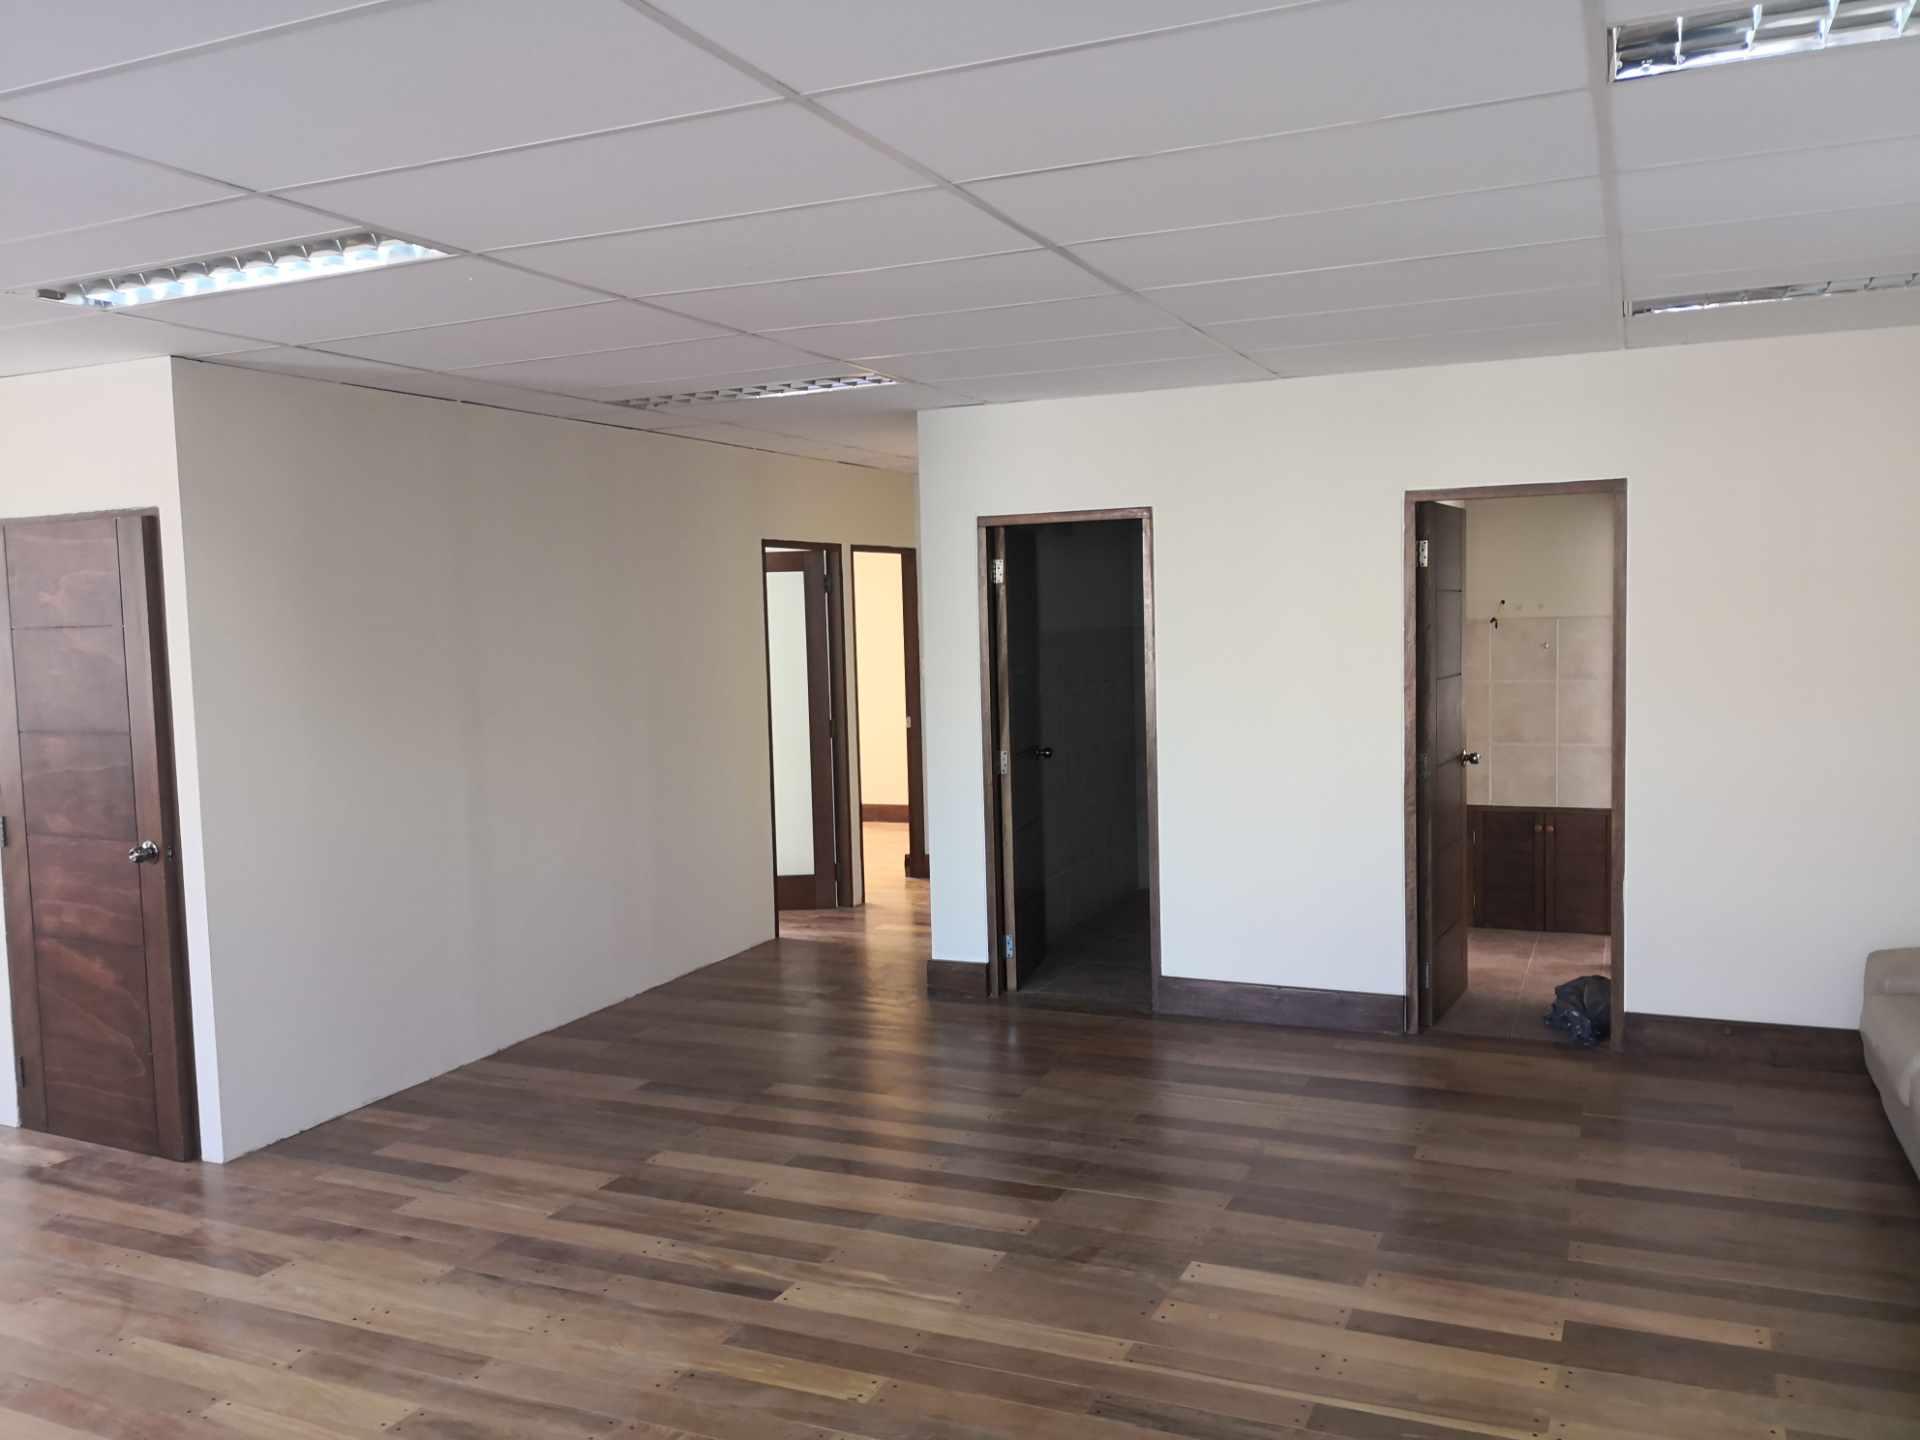 Oficina en Alquiler Zona de Calacoto, Calle 10, Edificio General Hugo Ballivian Foto 2